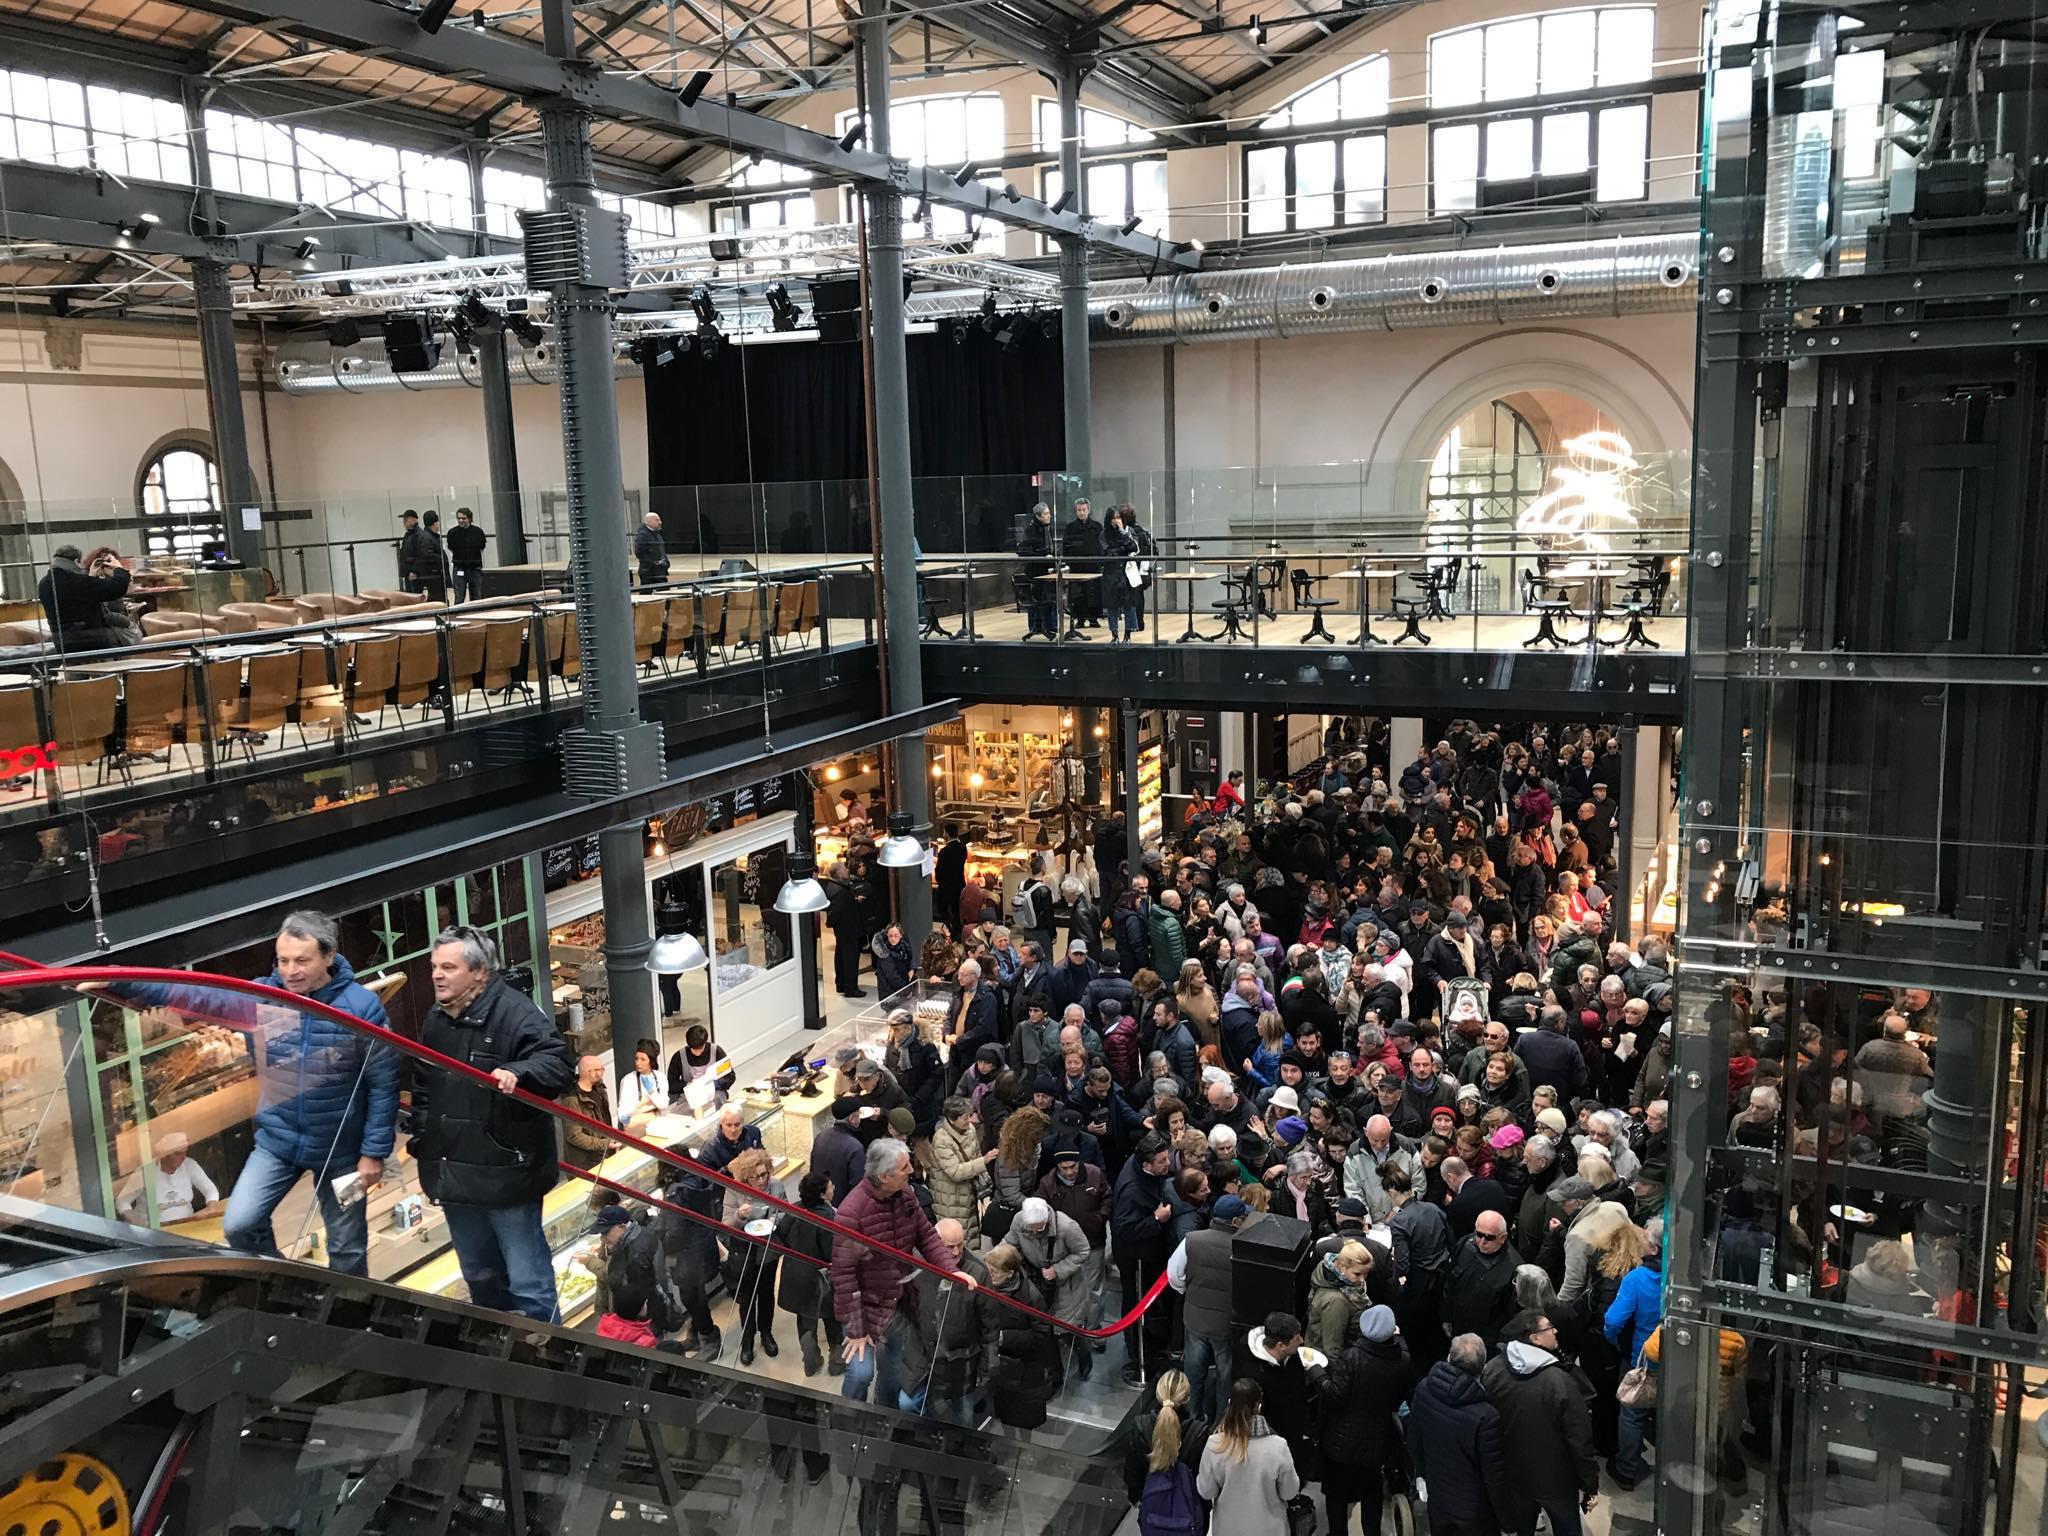 Storico taglio del nastro davanti a una folla di ravennati: il mercato coperto ha riaperto ufficialmente i battenti - FOTO